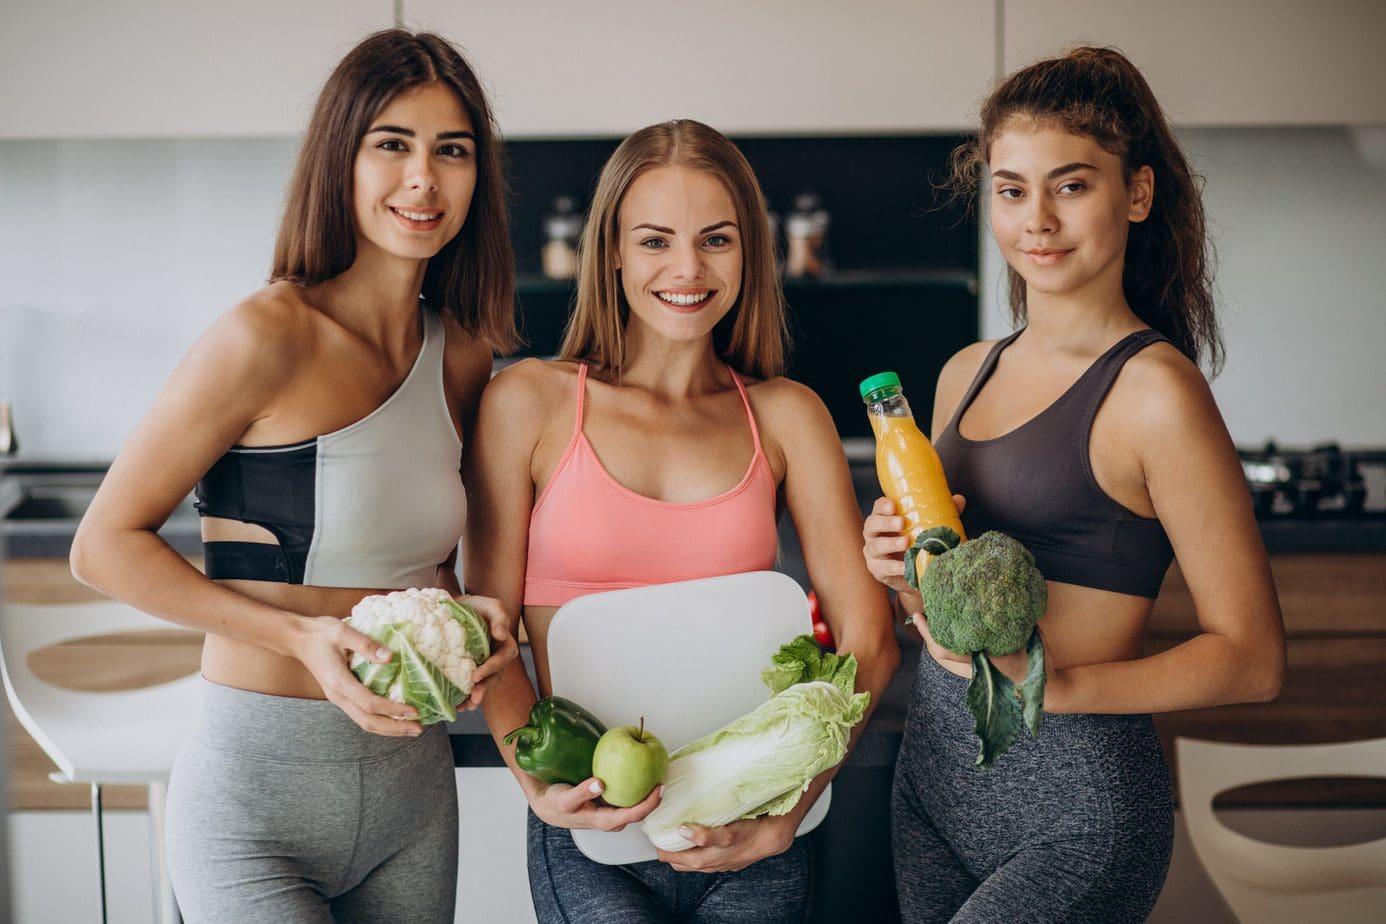 Dlaczego kobiety aktywne fizycznie powinny spożywać zielone warzywa?